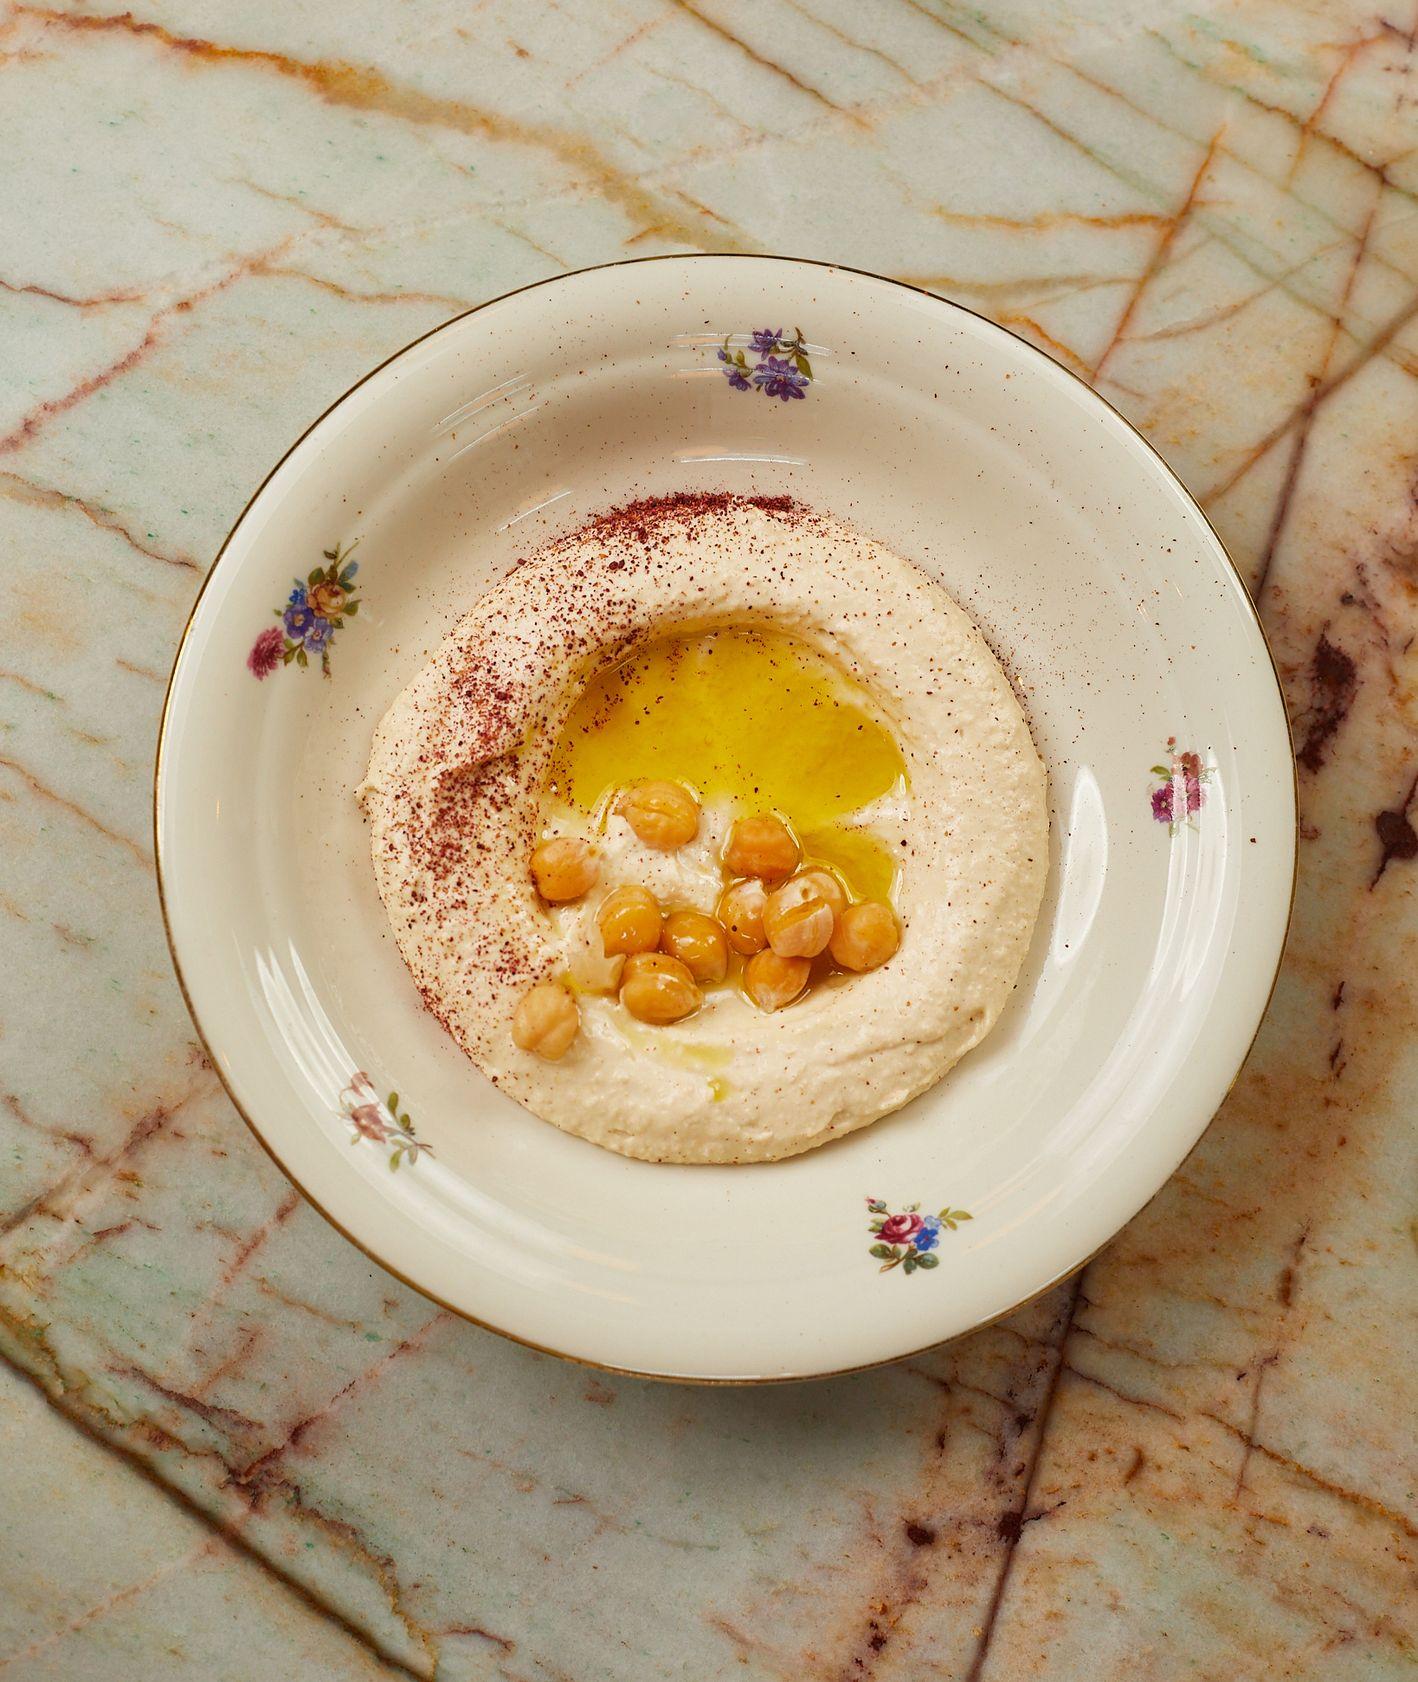 Przepis – hummus, jak zrobić hummus, prosty przepis na hummus, kuchnia izraelska (fot. Maciej Niemojewski)